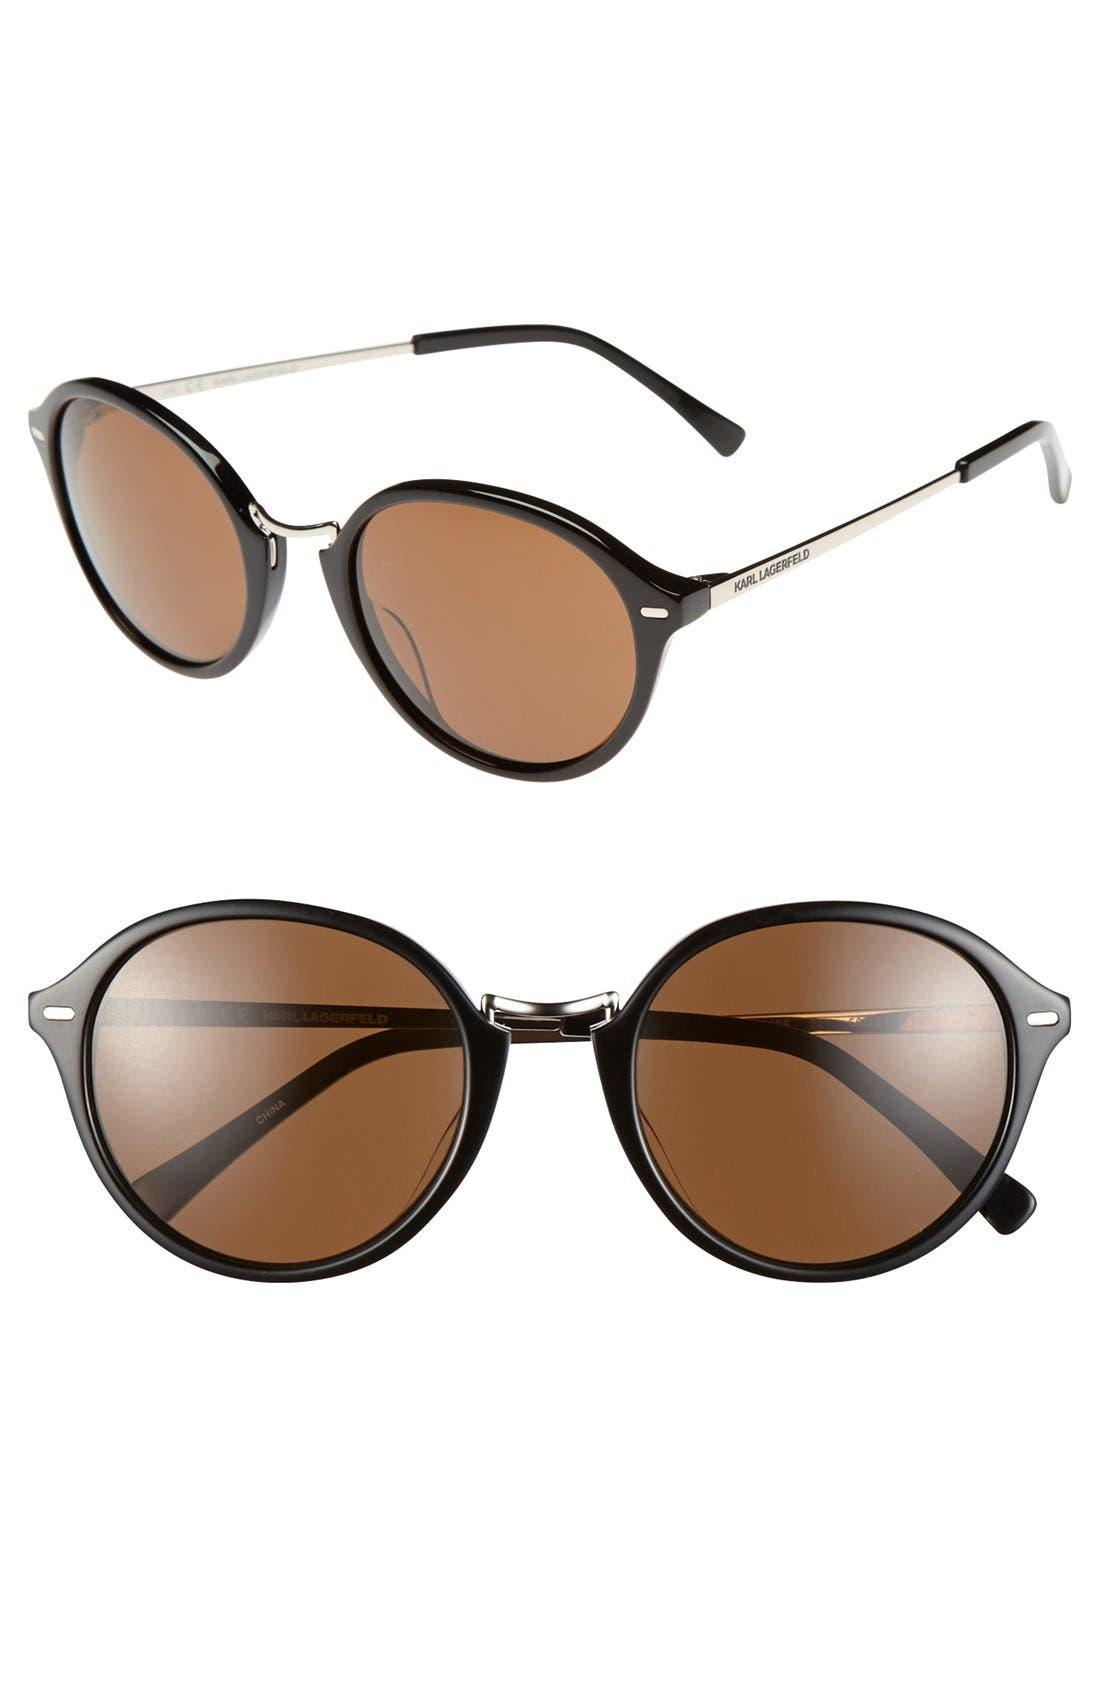 Main Image - Karl Lagerfeld 50mm Round Sunglasses